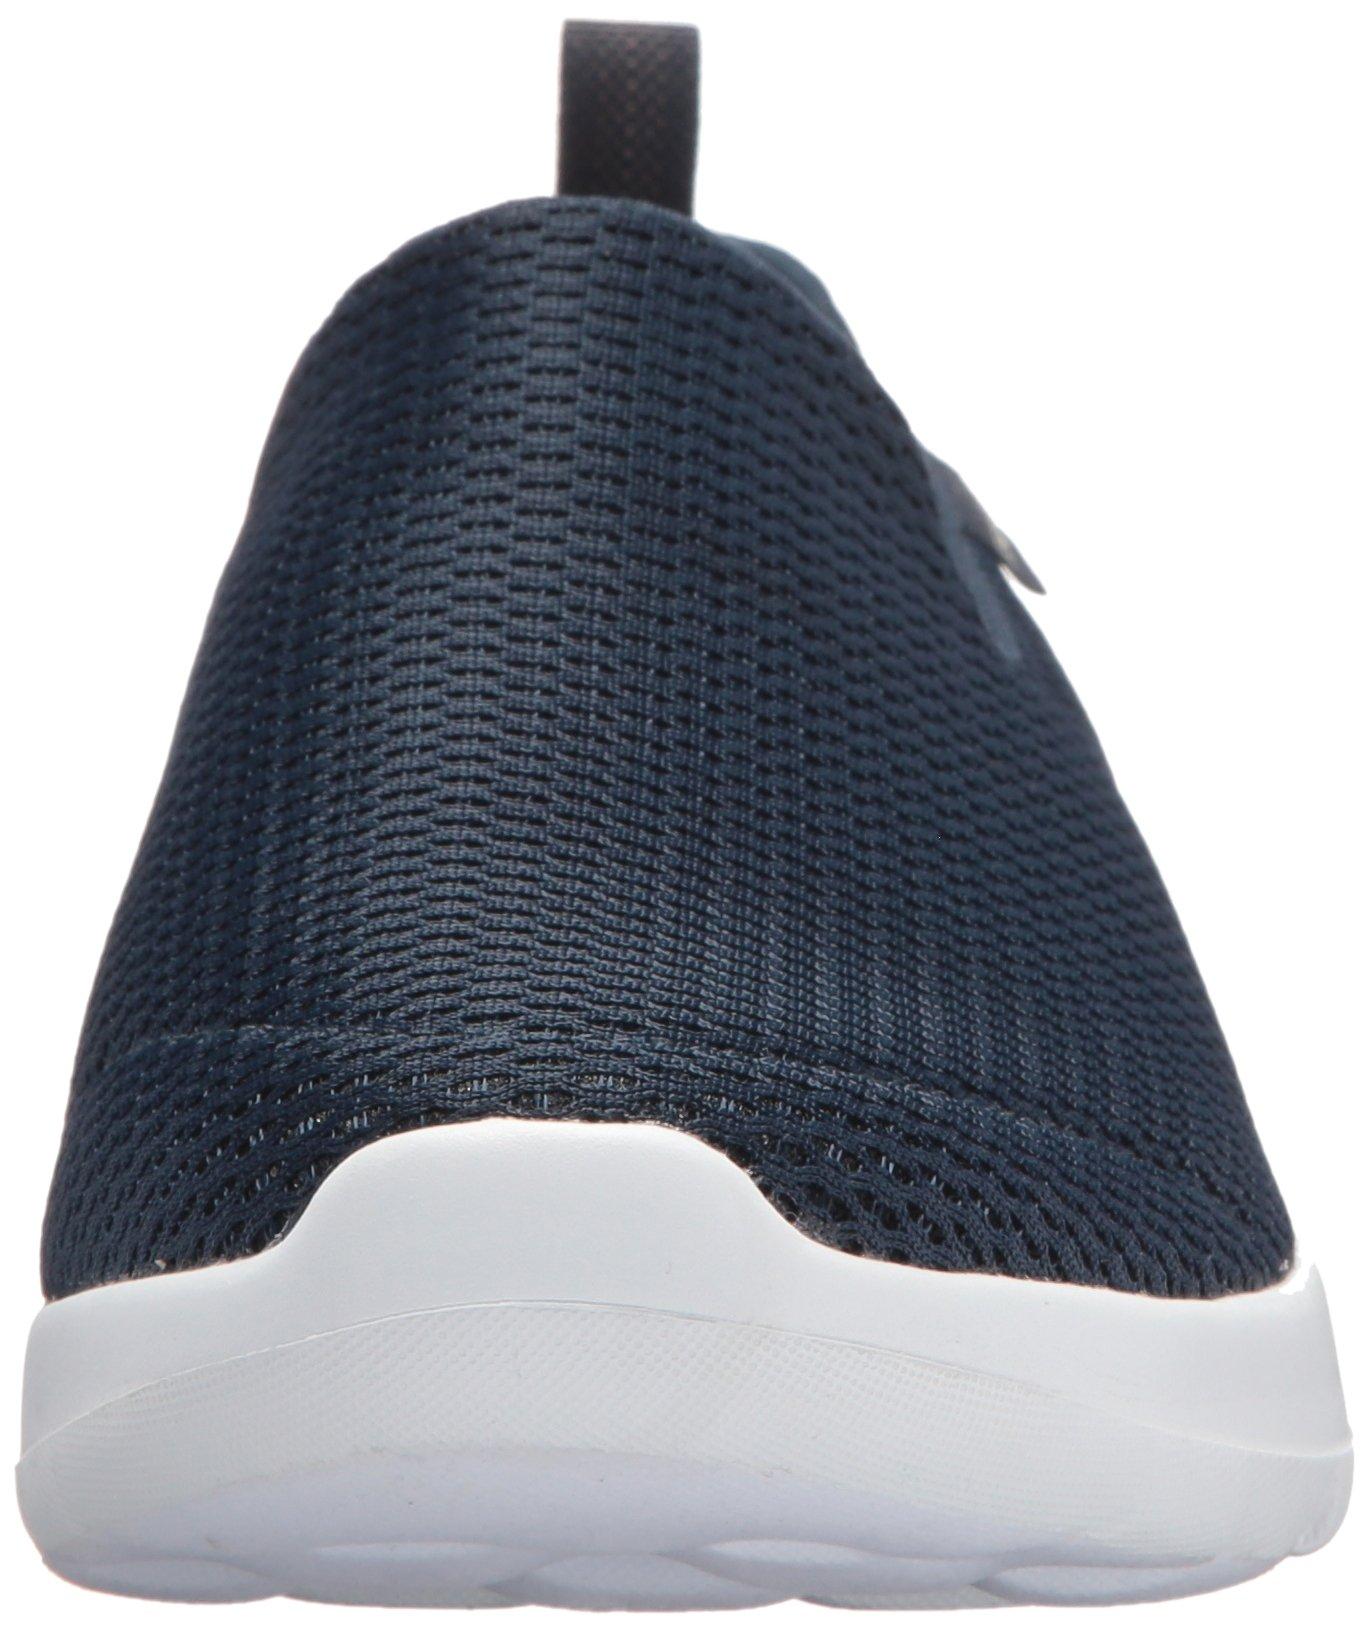 Skechers Performance Women's Go Walk Joy Walking Shoe,navy/white,5 W US by Skechers (Image #4)